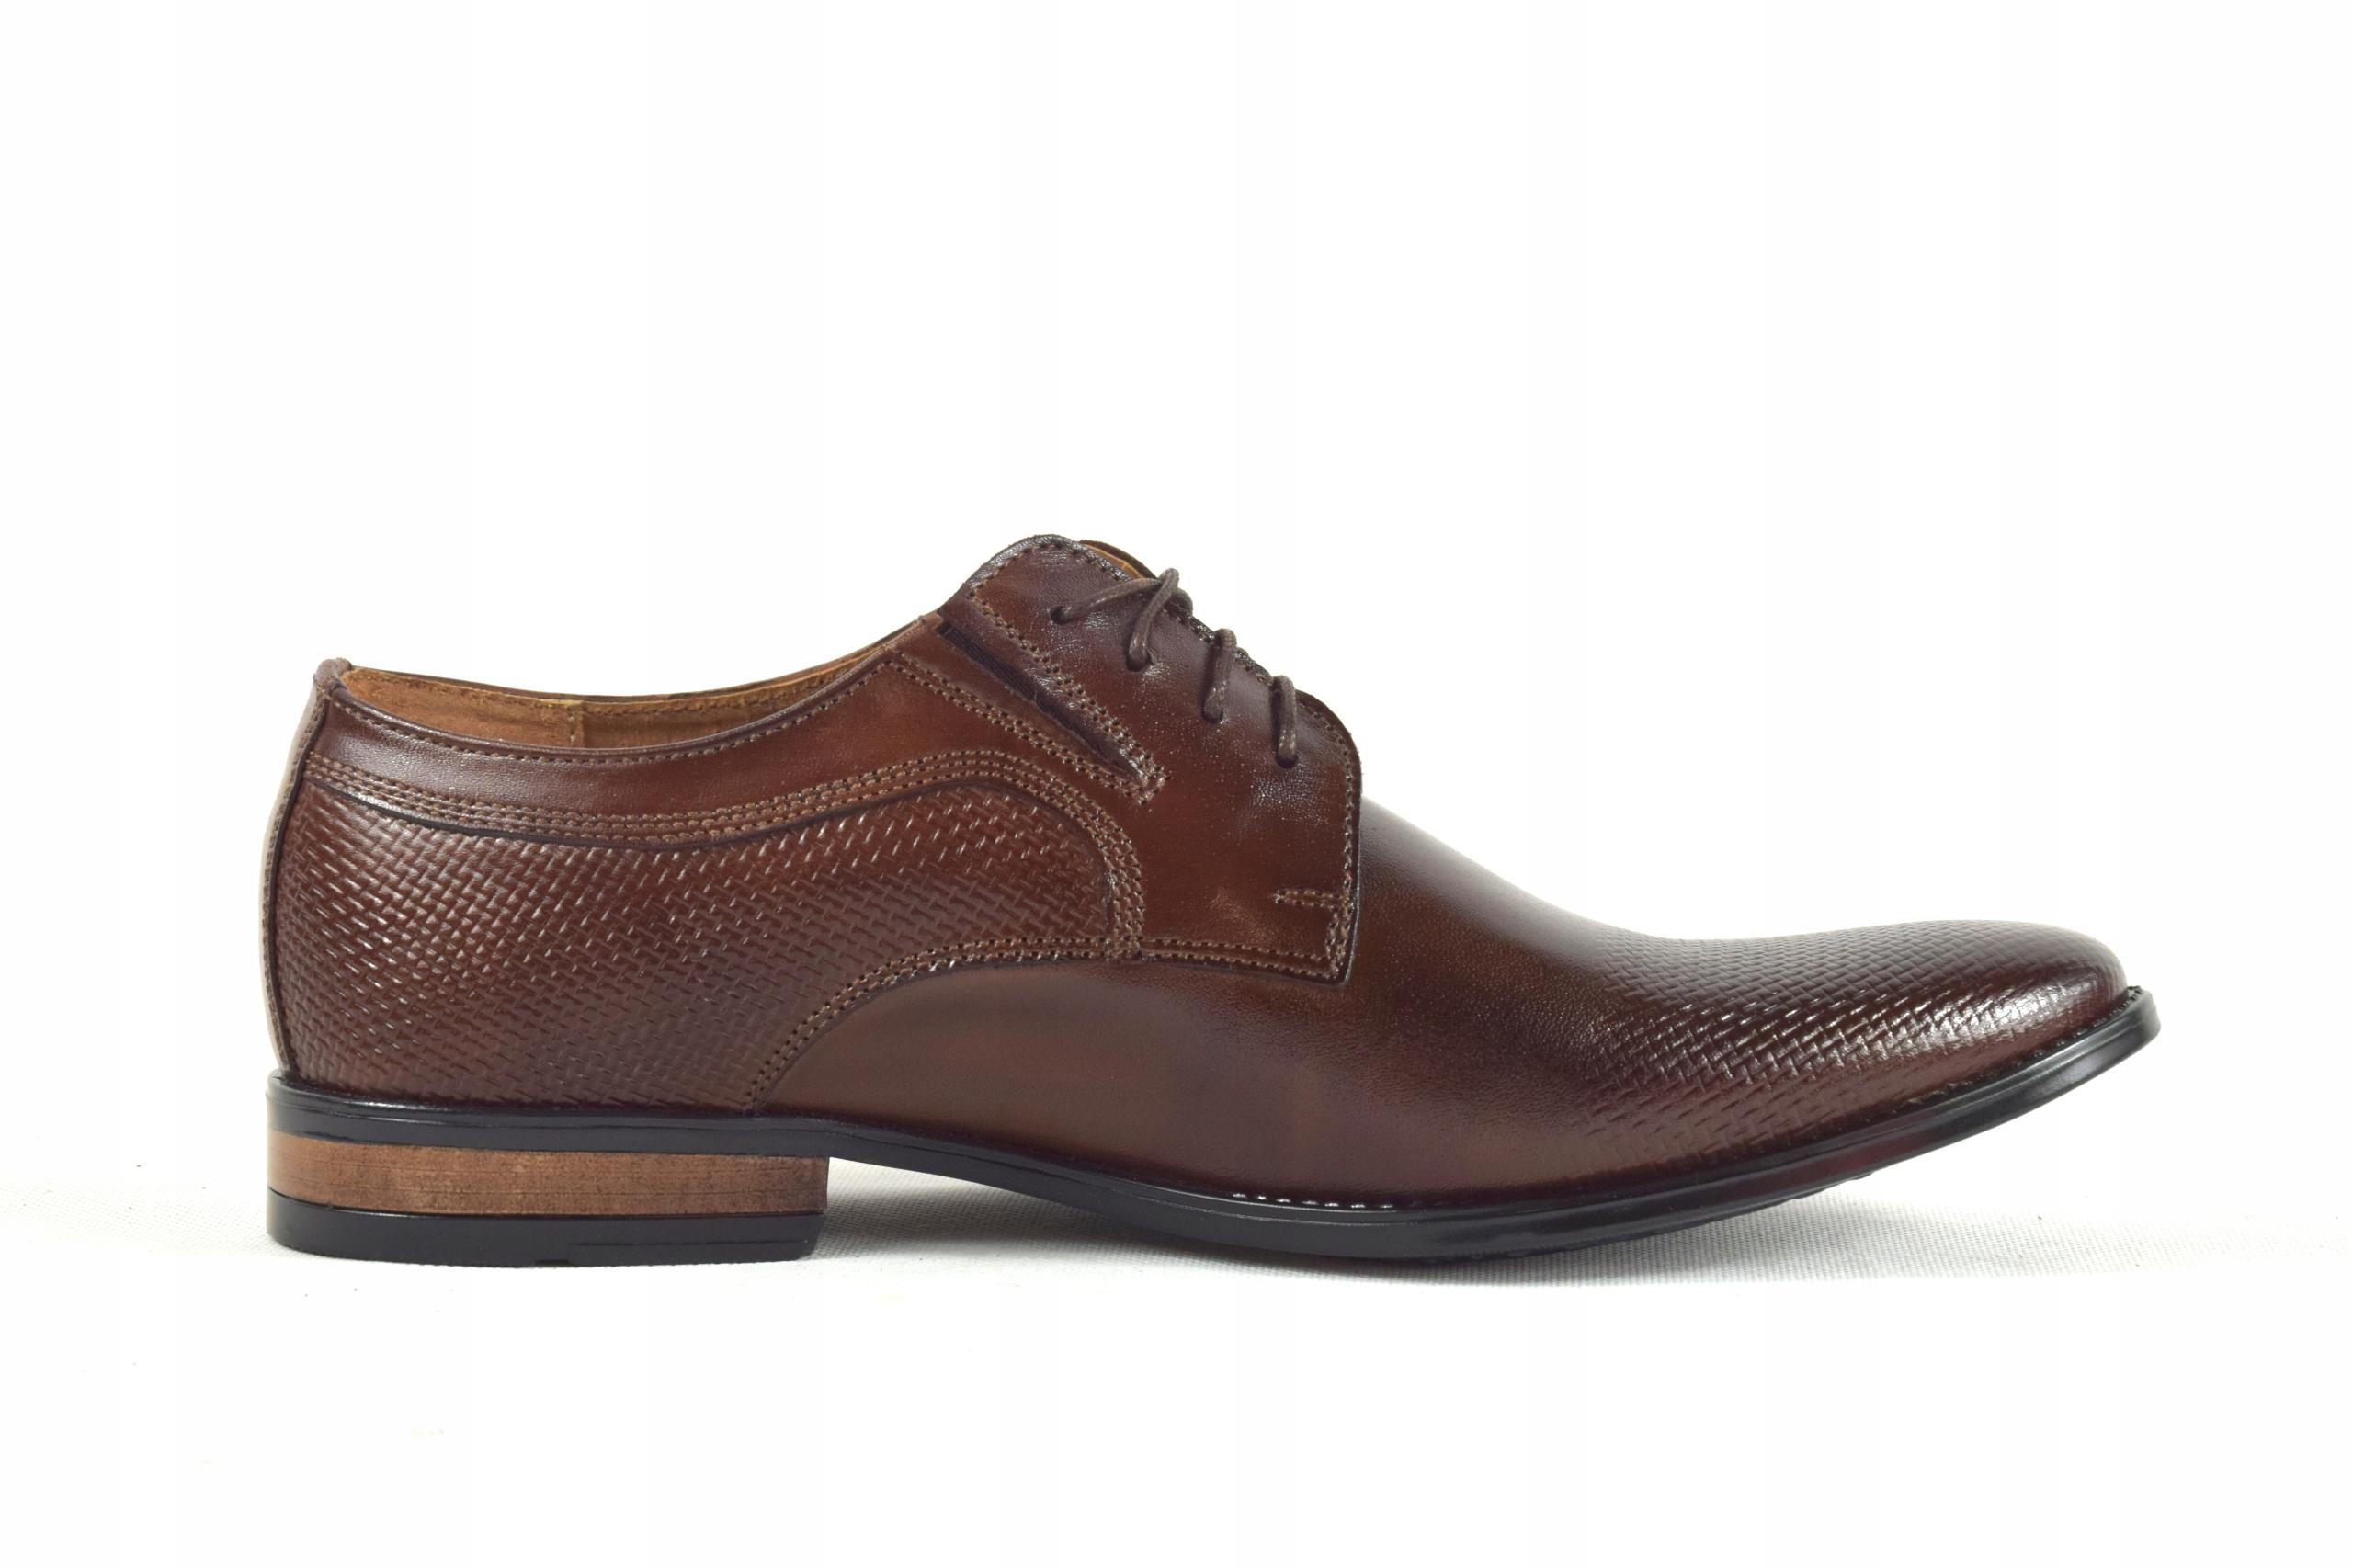 Buty męskie wizytowe skórzane brązowe obuwie 359/1 Rozmiar 43